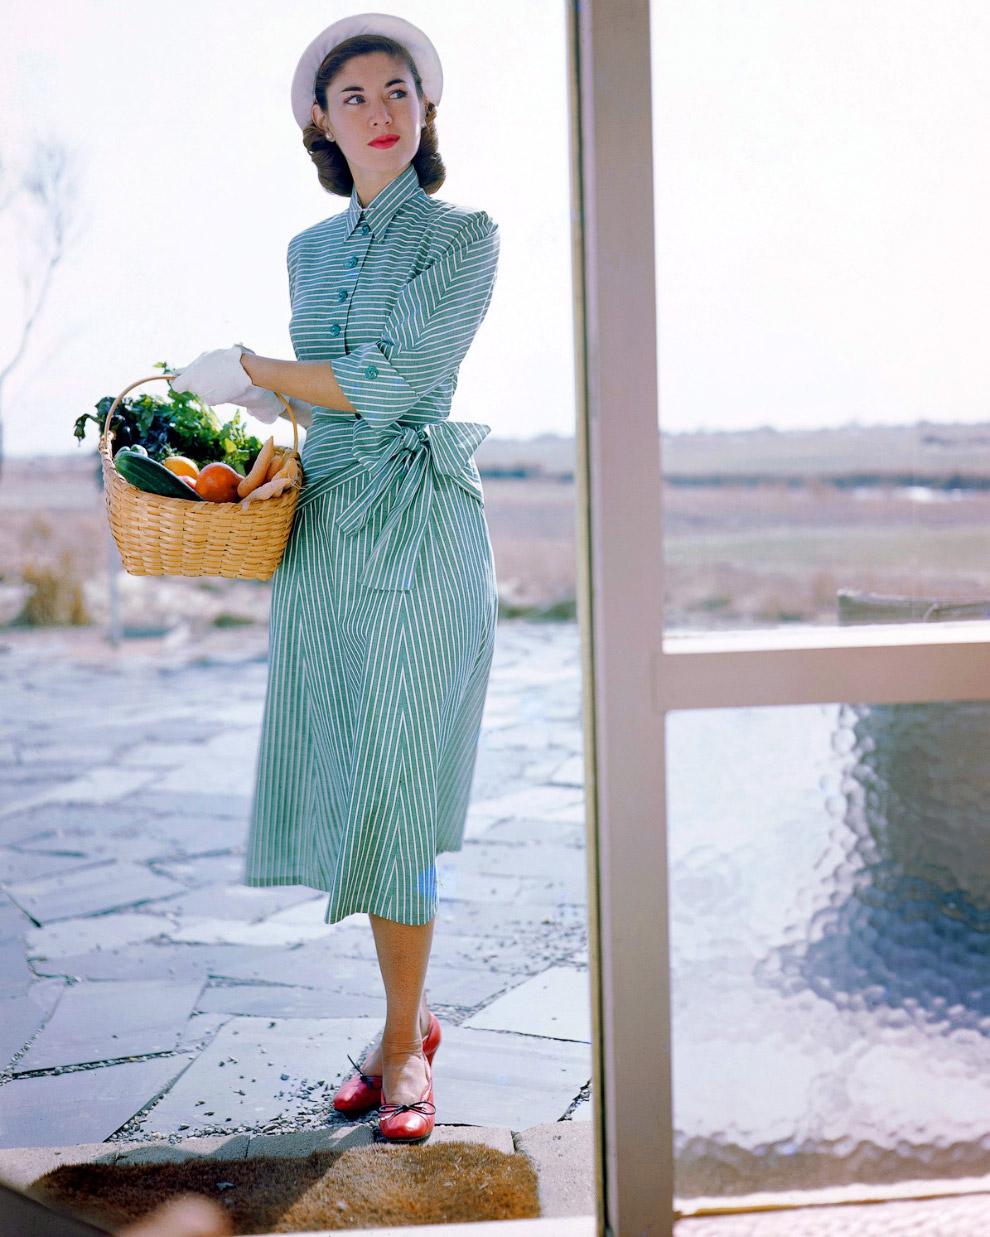 Платье от Джозет Уокер и шляпка от Сэлли Виктор. Фото Женевьев Нейлор, 1949 год.